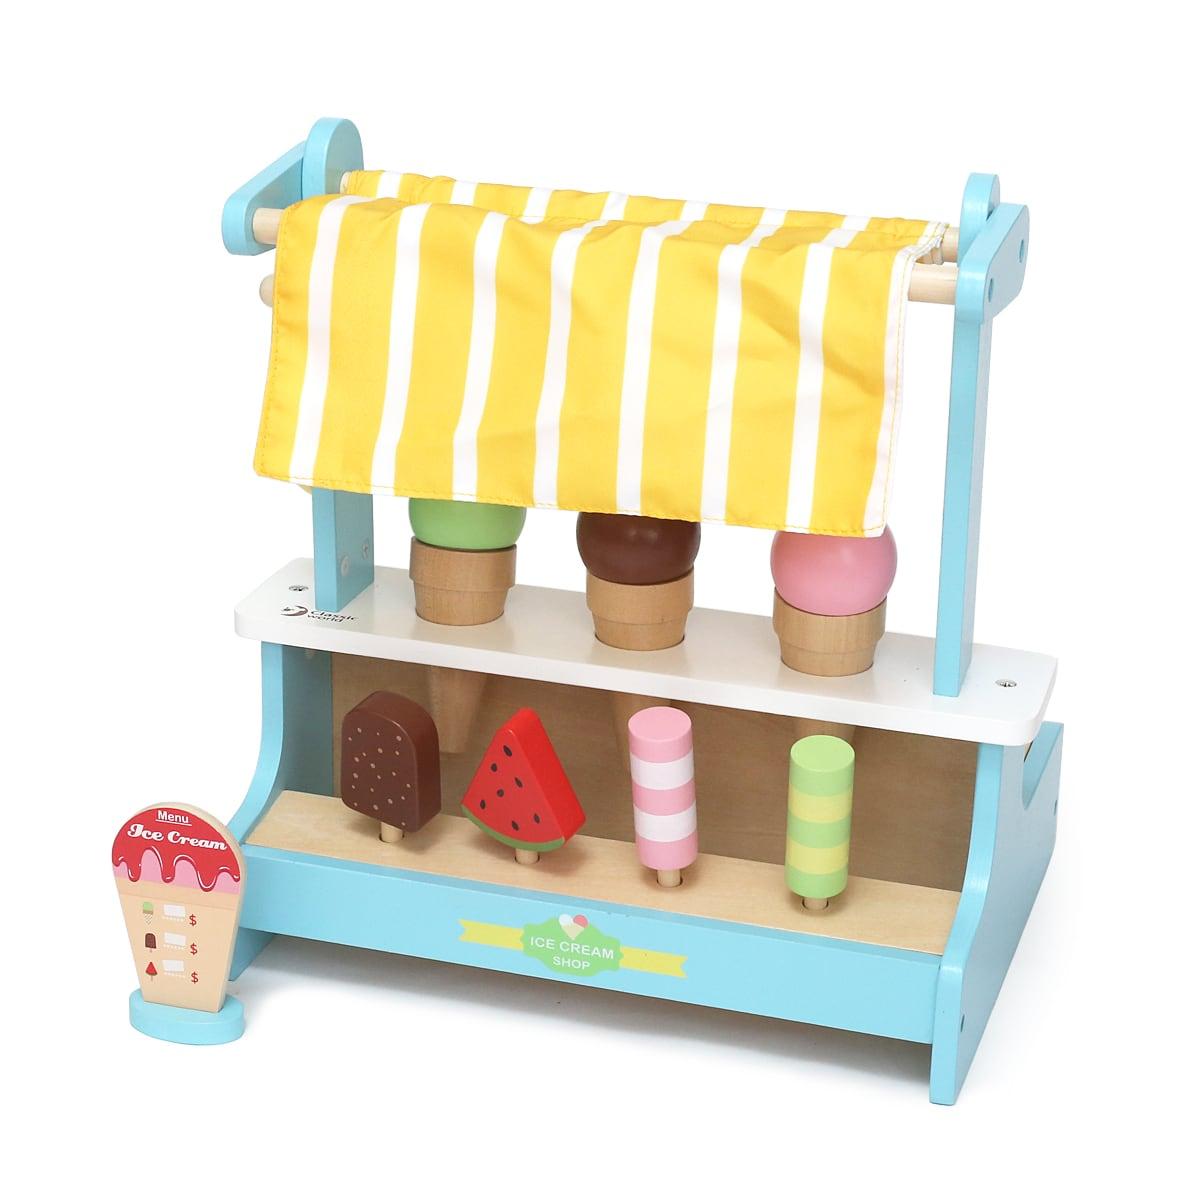 Classicworld(クラシックワールド)アイスクリームショップ 完成品(組み立てて小物を並べたところ)